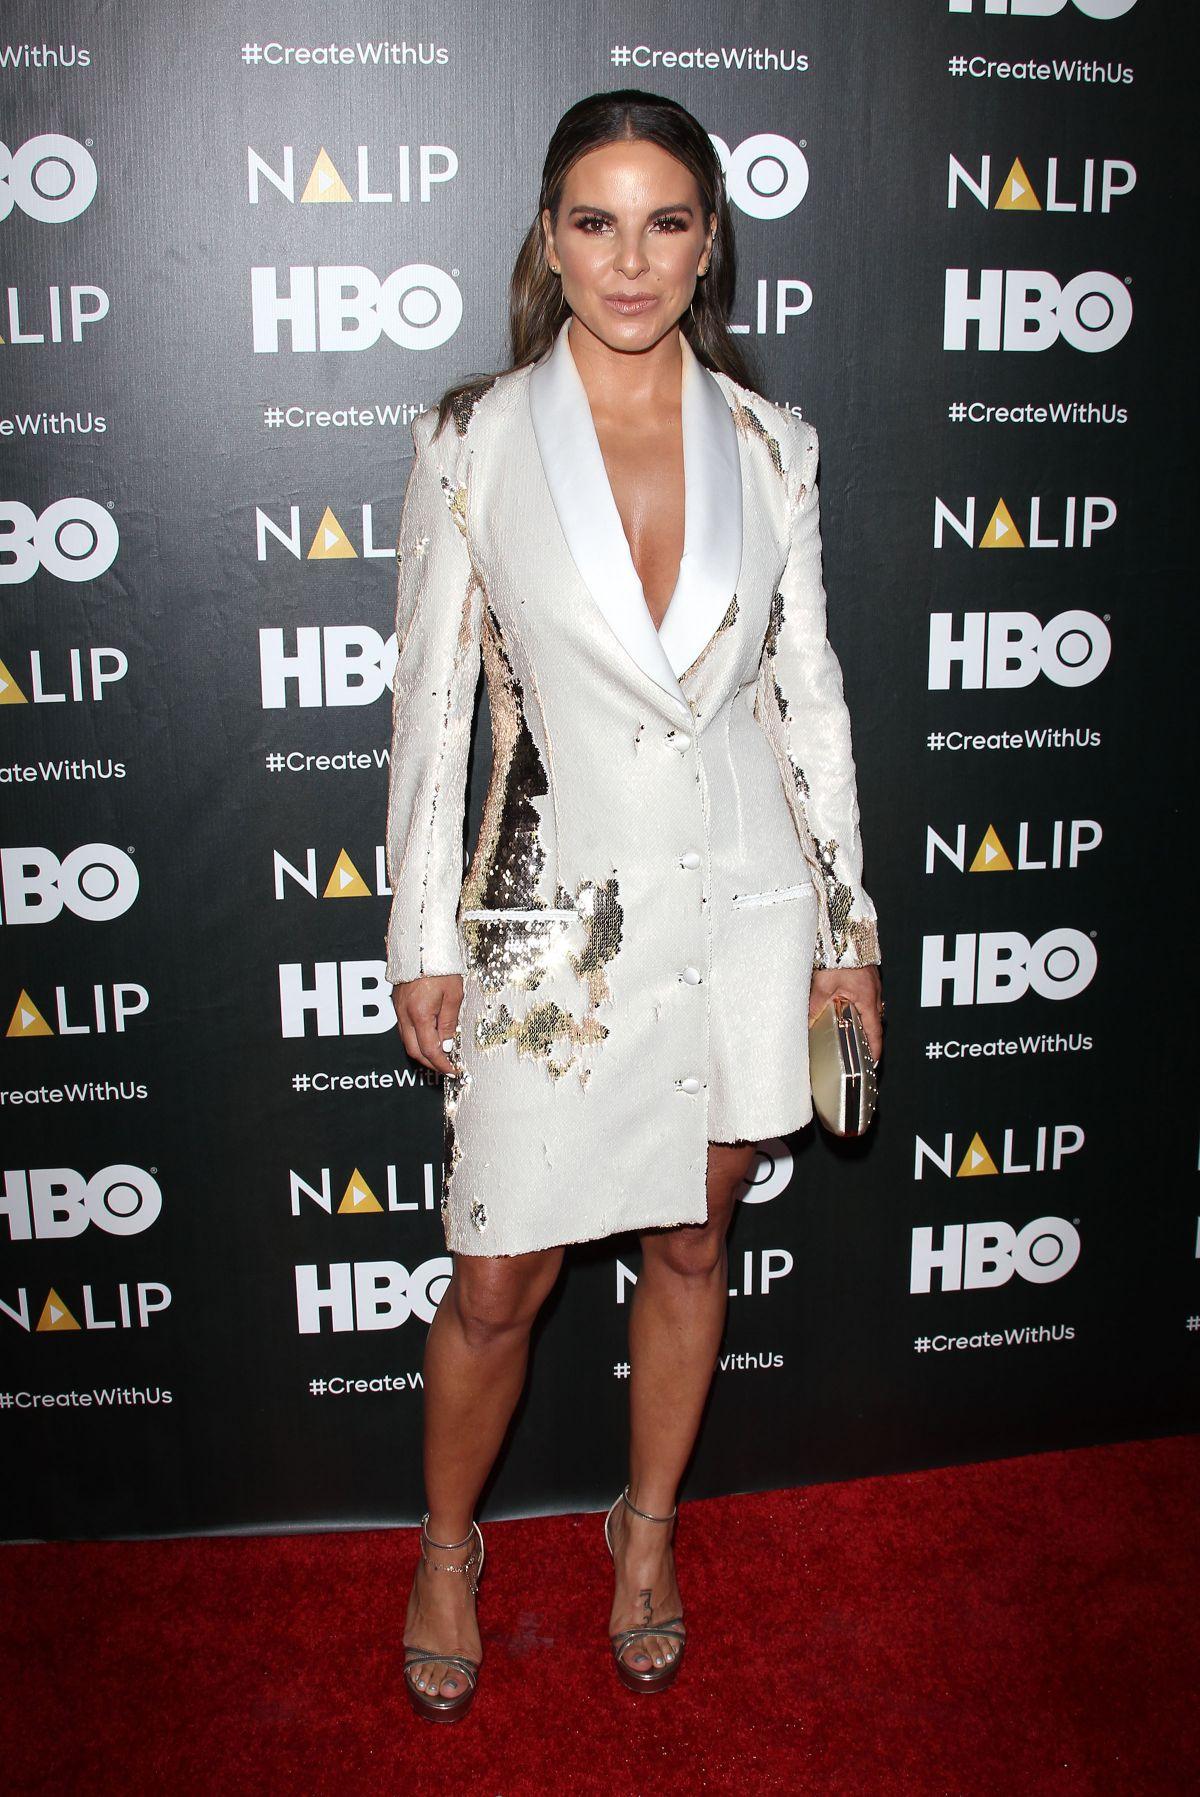 KATE DEL CASTILLO at Nalip Latino Media Awards in Los ...